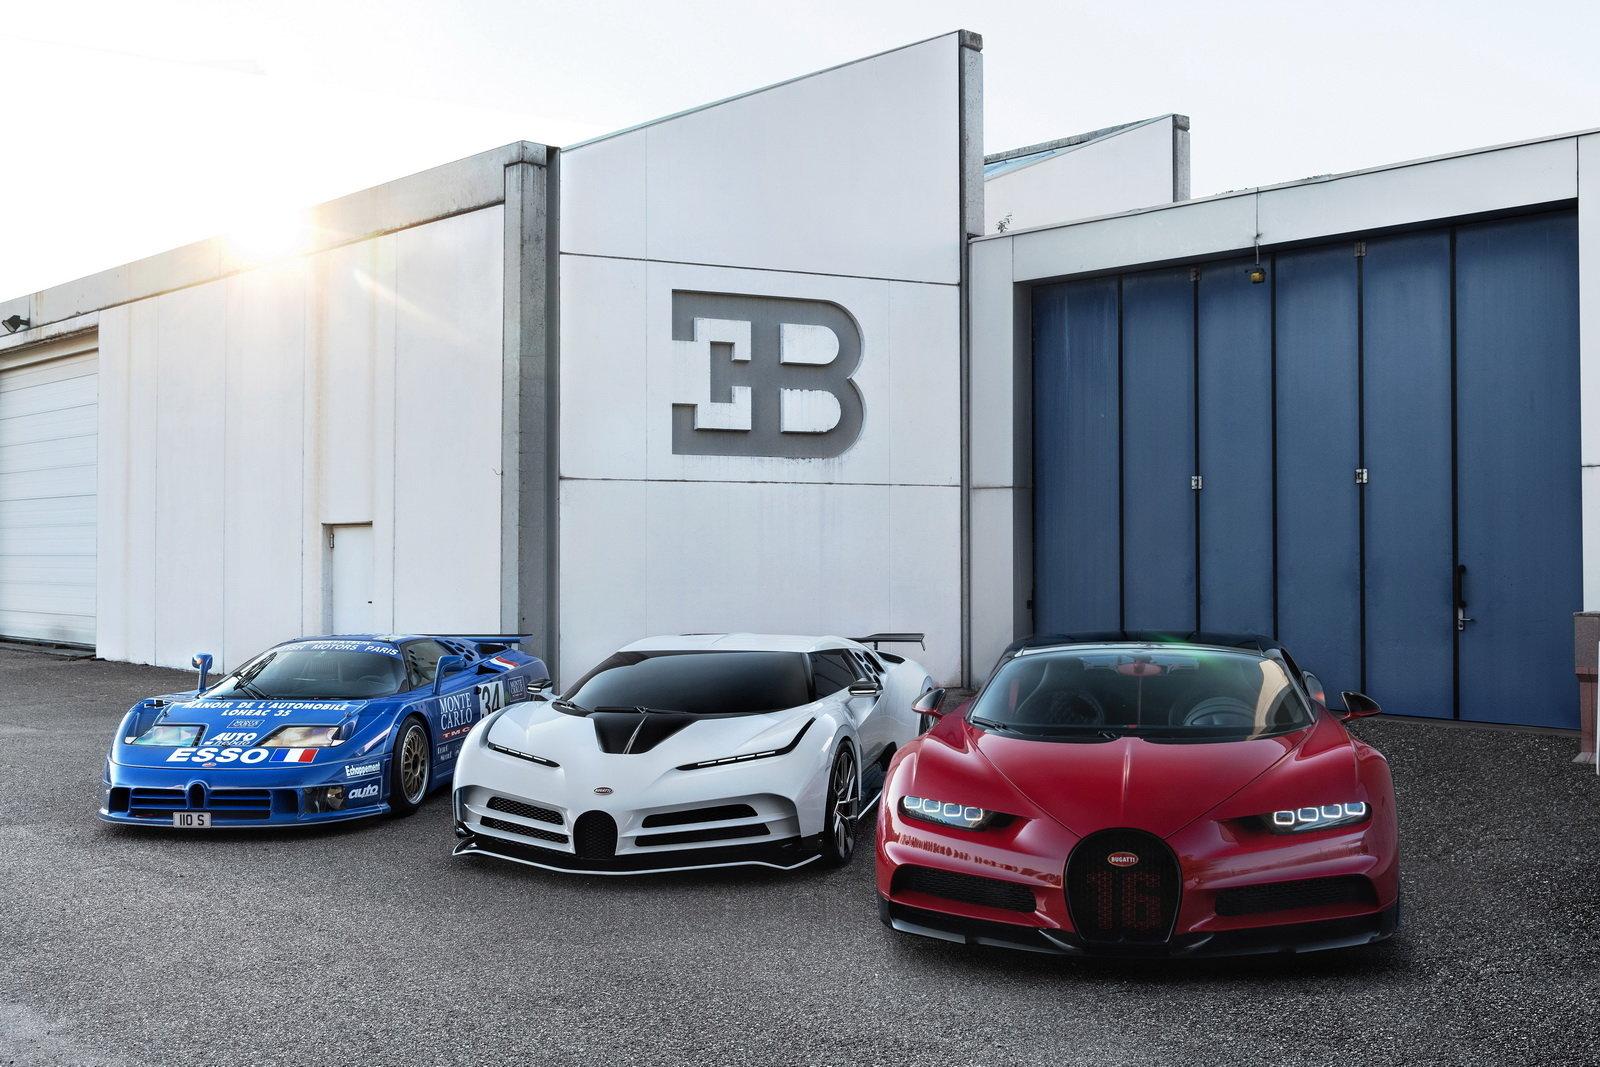 Bugatti Centodieci Per Ricordare La Eb110